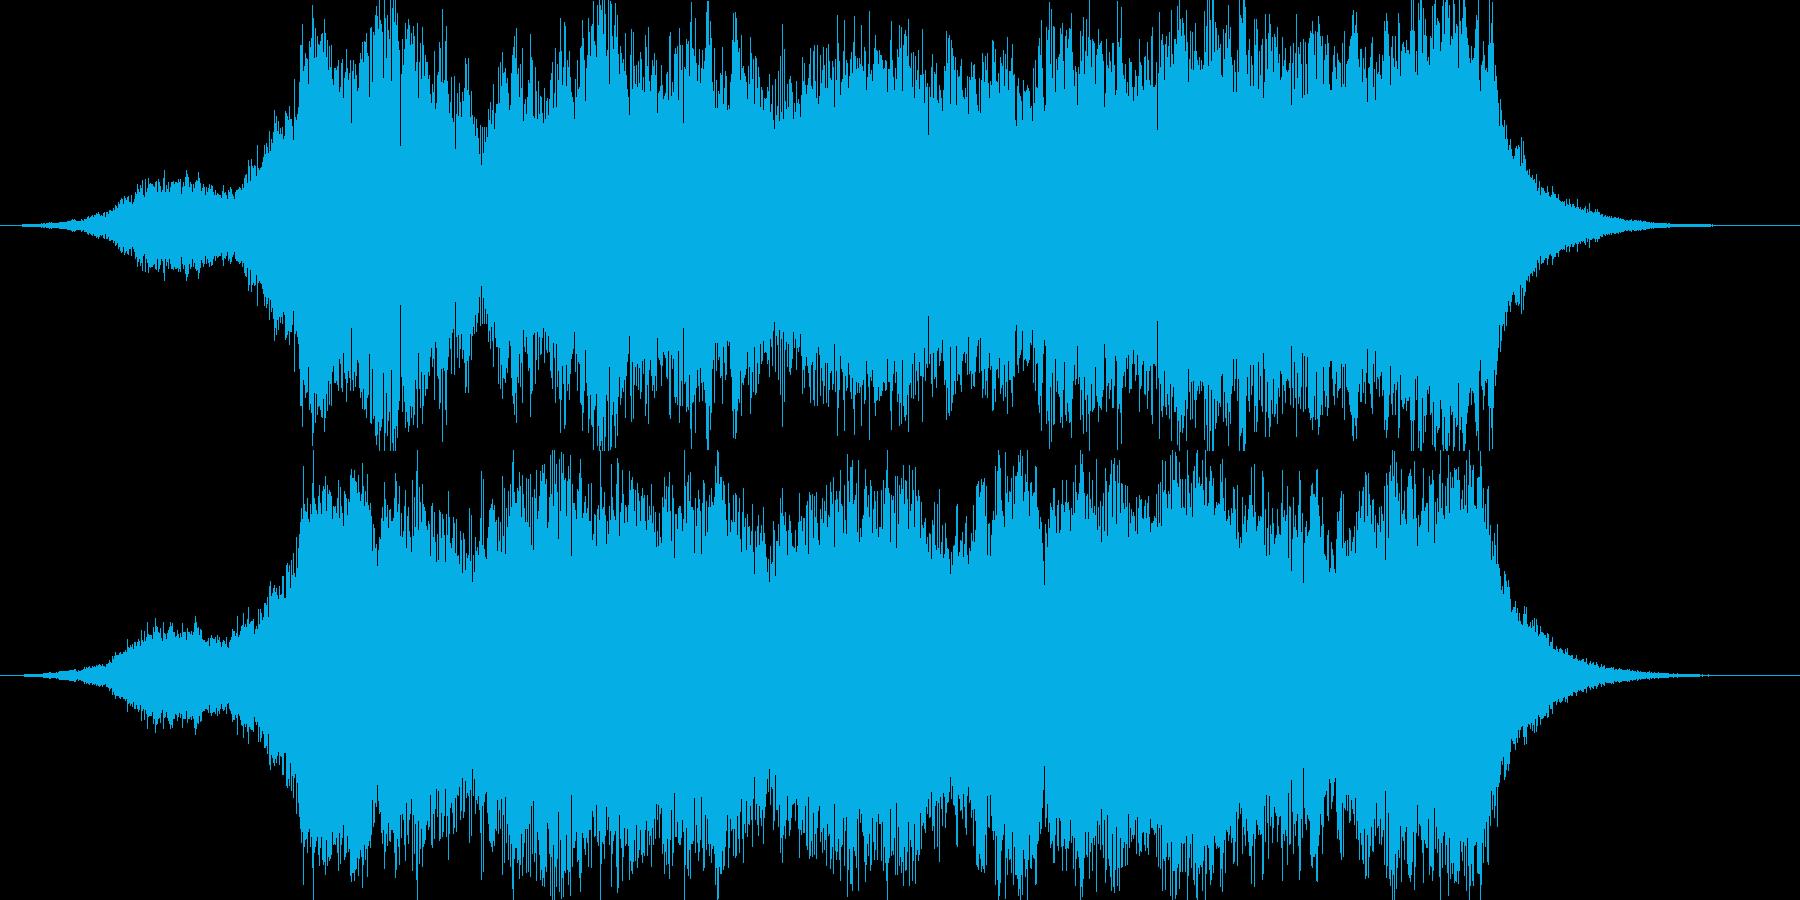 壮大なオーケストラ15秒CM楽曲。の再生済みの波形